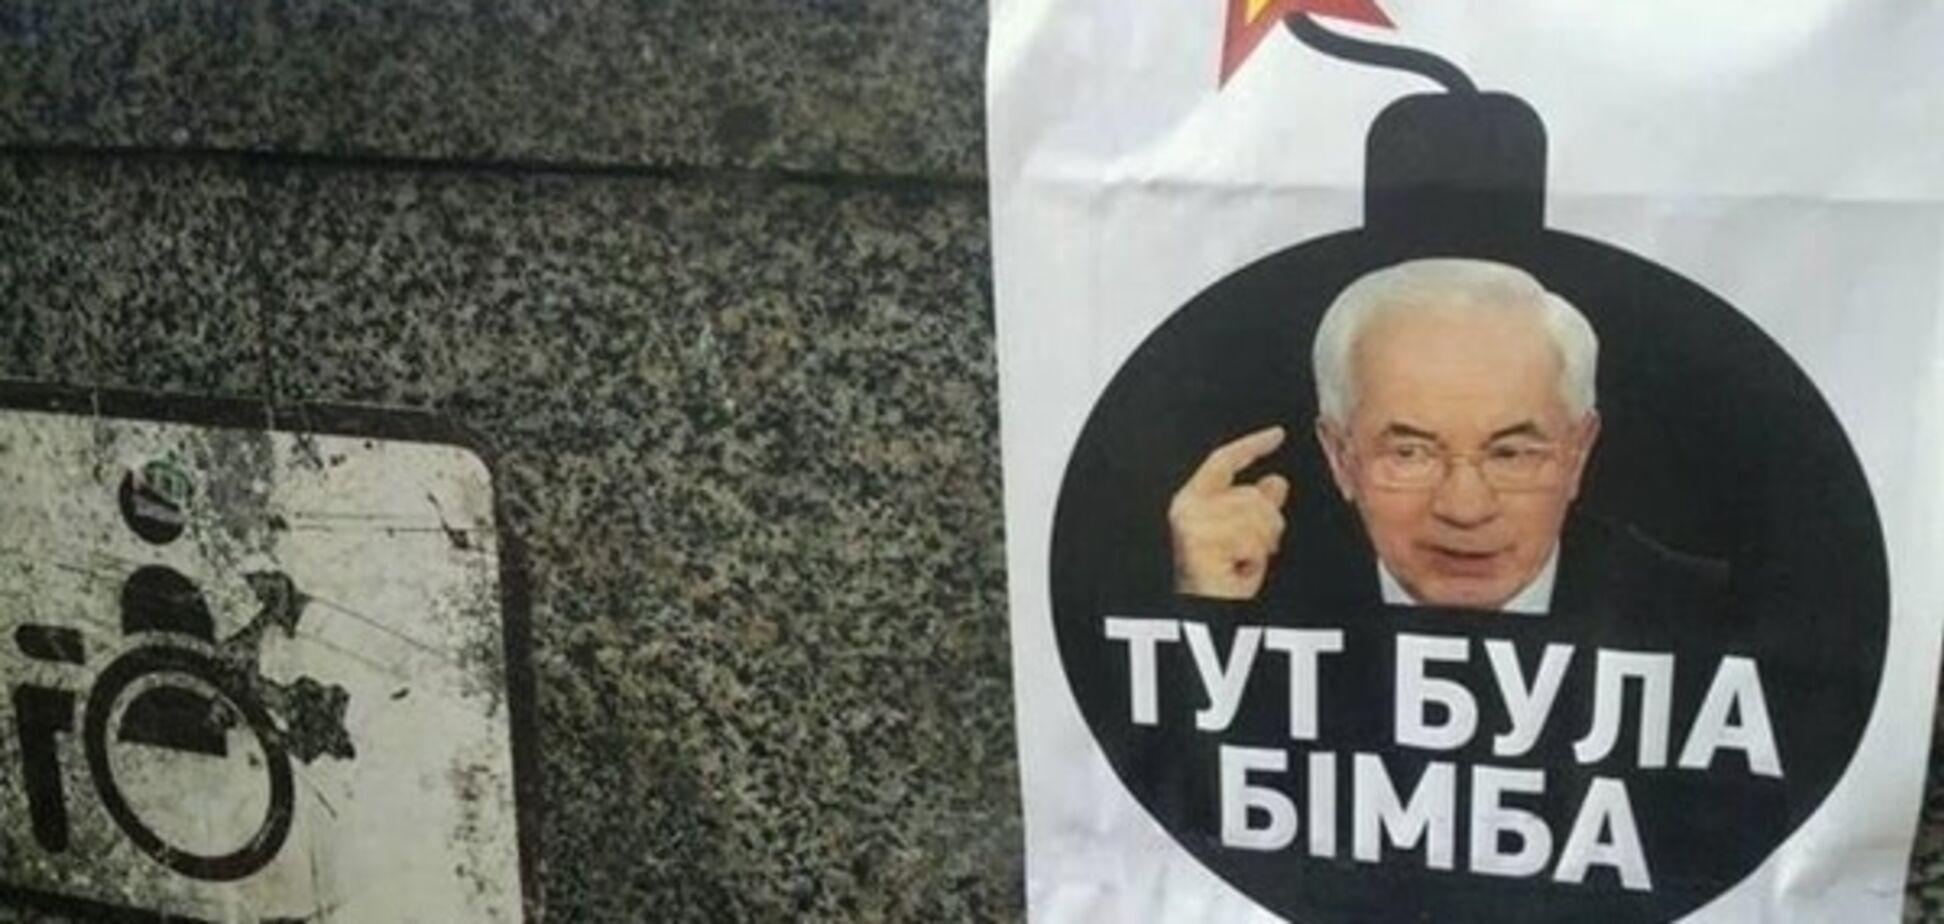 'Це Бімба': 'гірського фізика' Азарова так і не виключили з НАН України